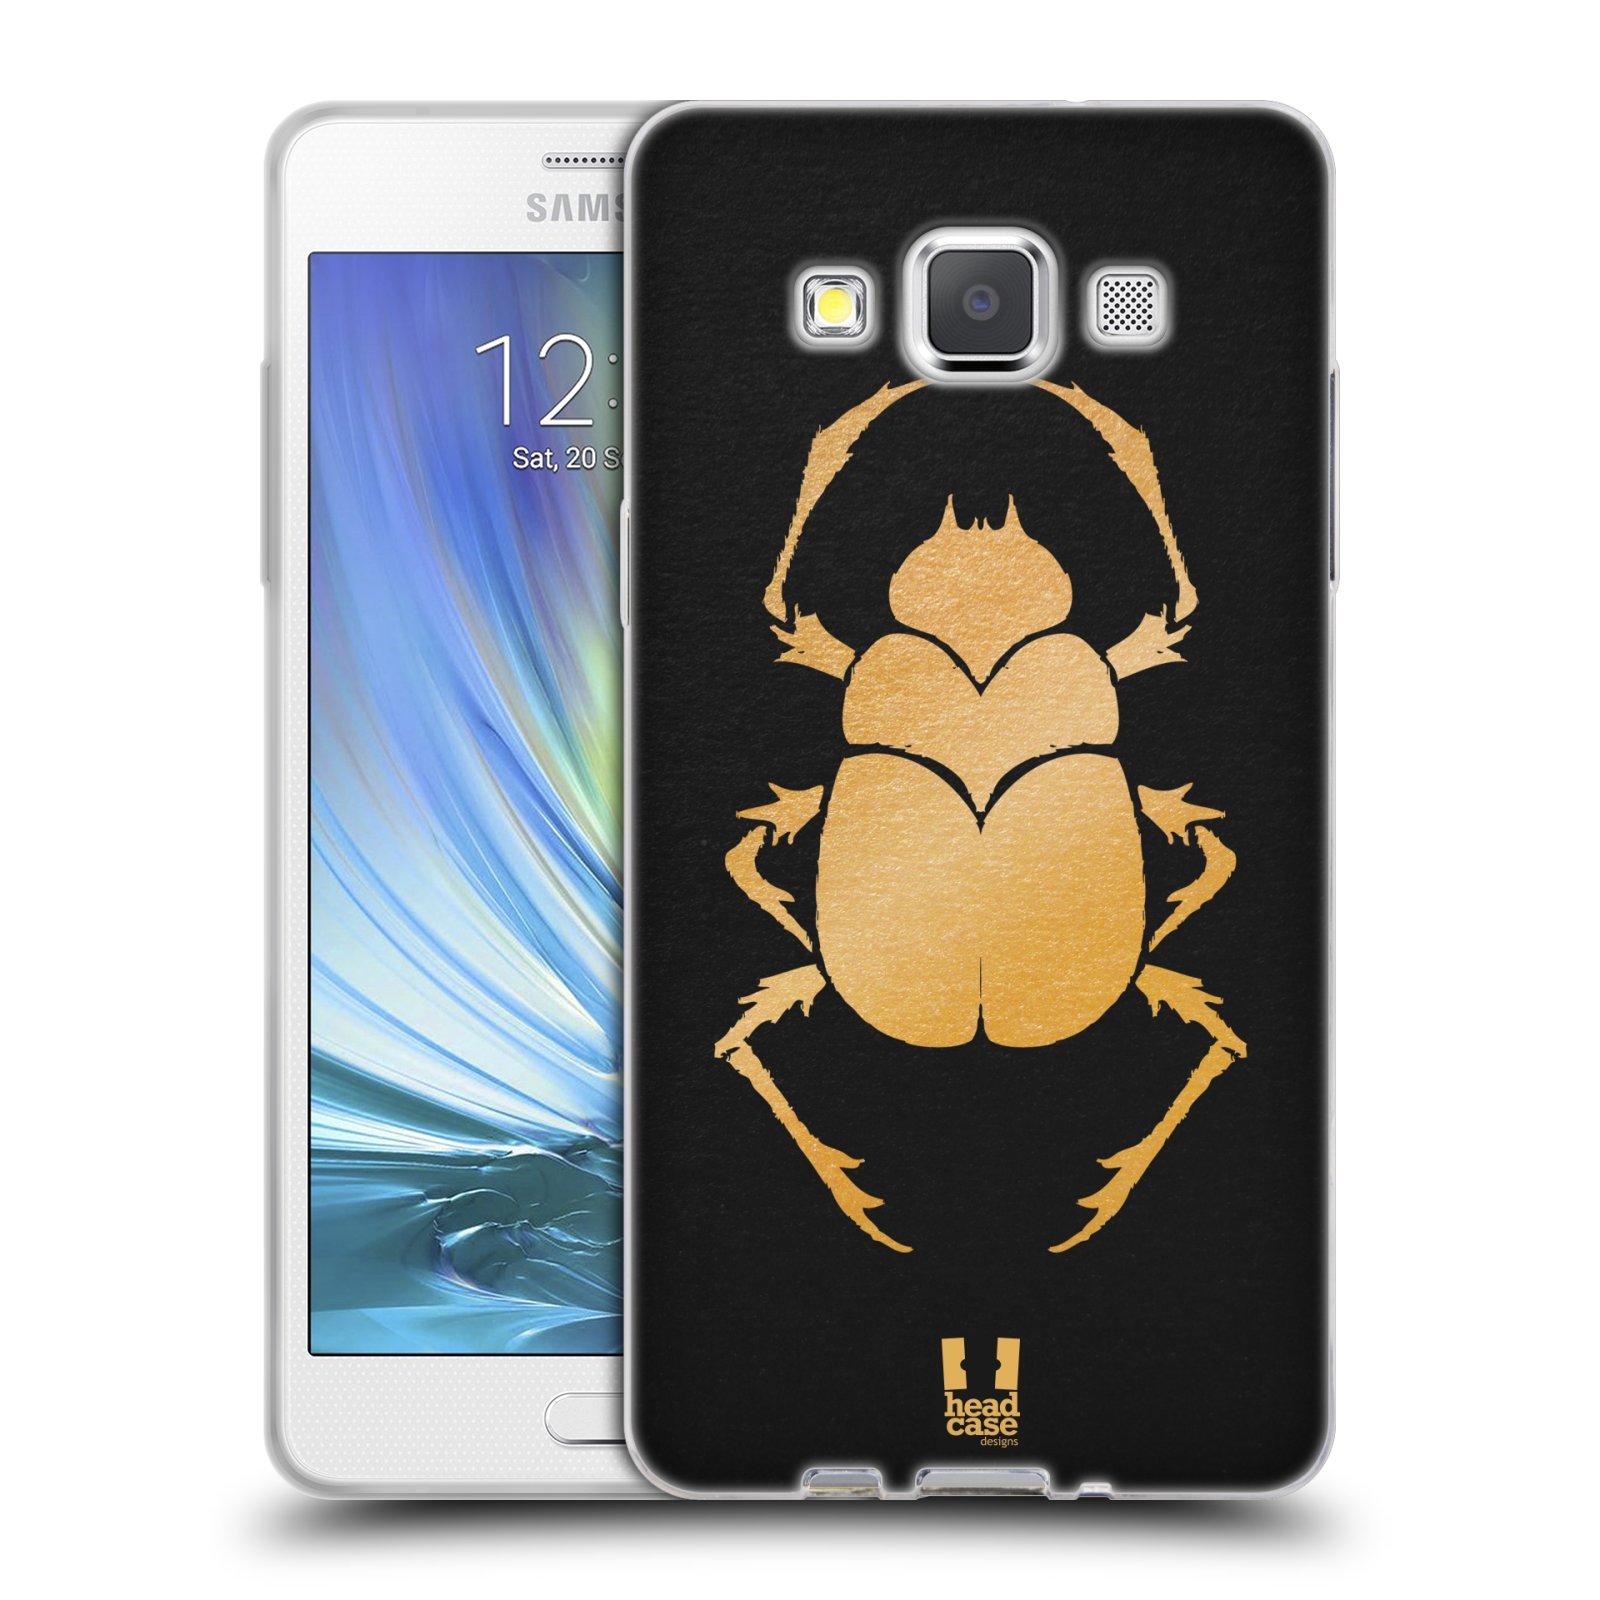 HEAD CASE silikonový obal na mobil Samsung Galaxy A5 vzor EGYPT zlatá a černá BROUK SKARAB